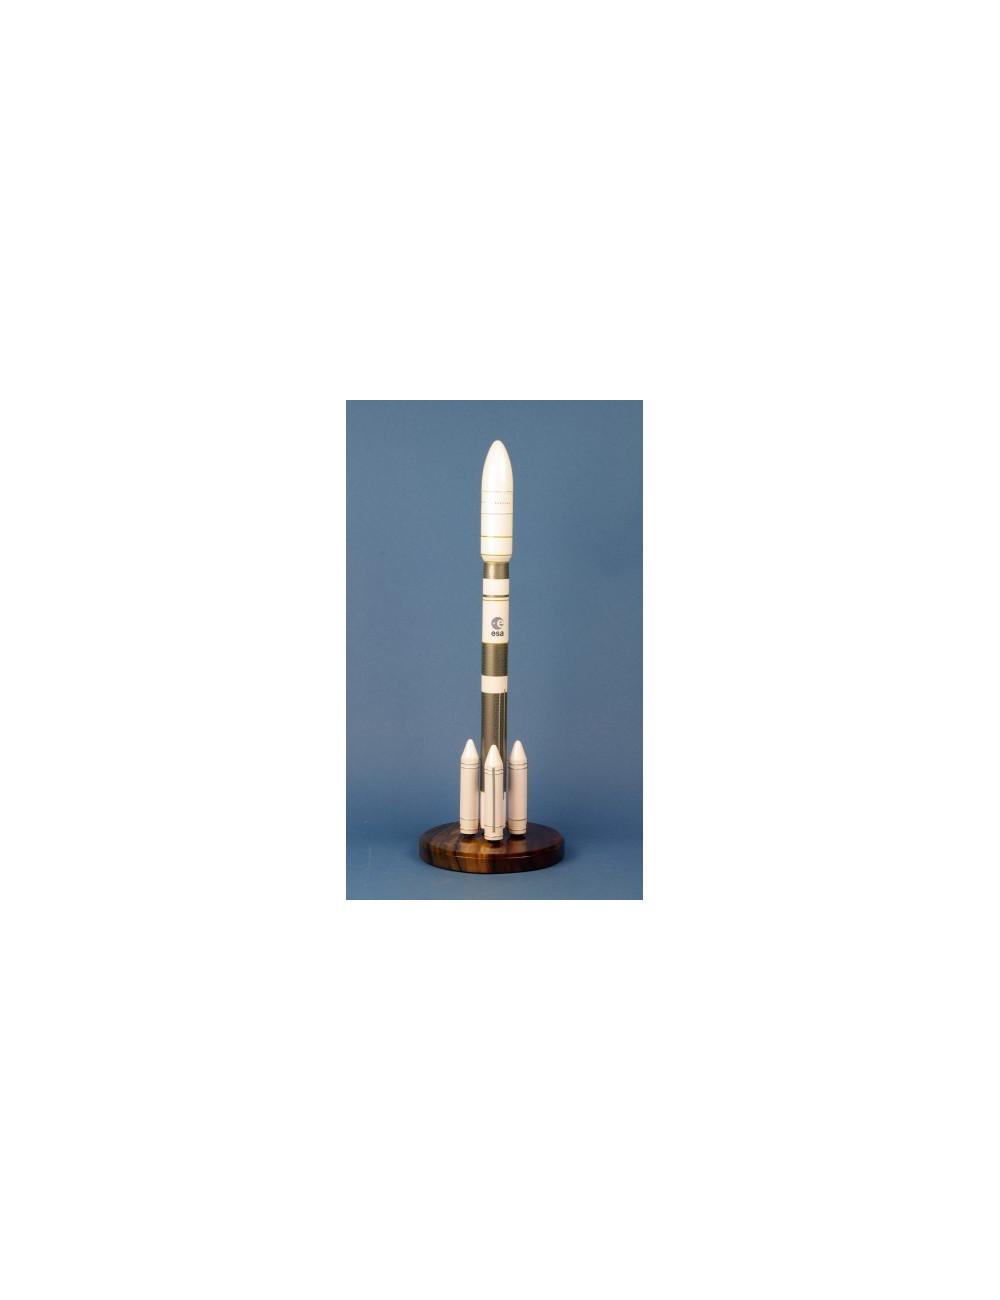 Ariane 64 1/125